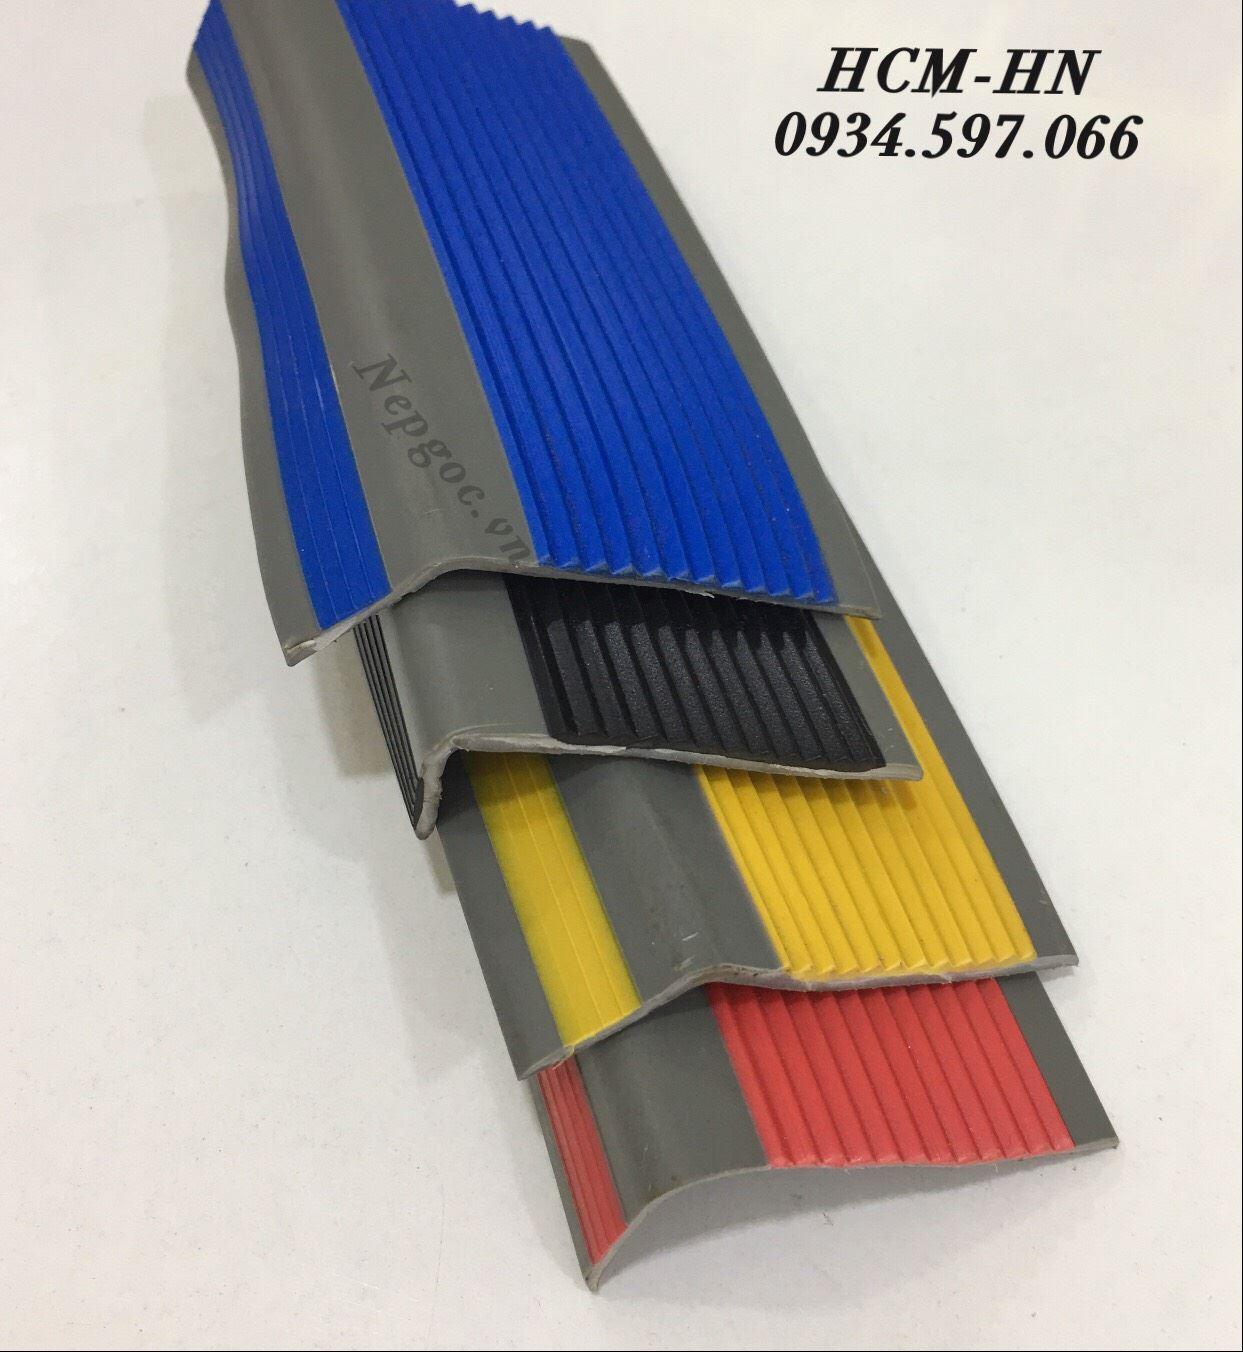 Nẹp chống trơn cầu thang bằng nhựa PVC , nẹp mũi bậc cầu thang nhưa PVC cao cấp